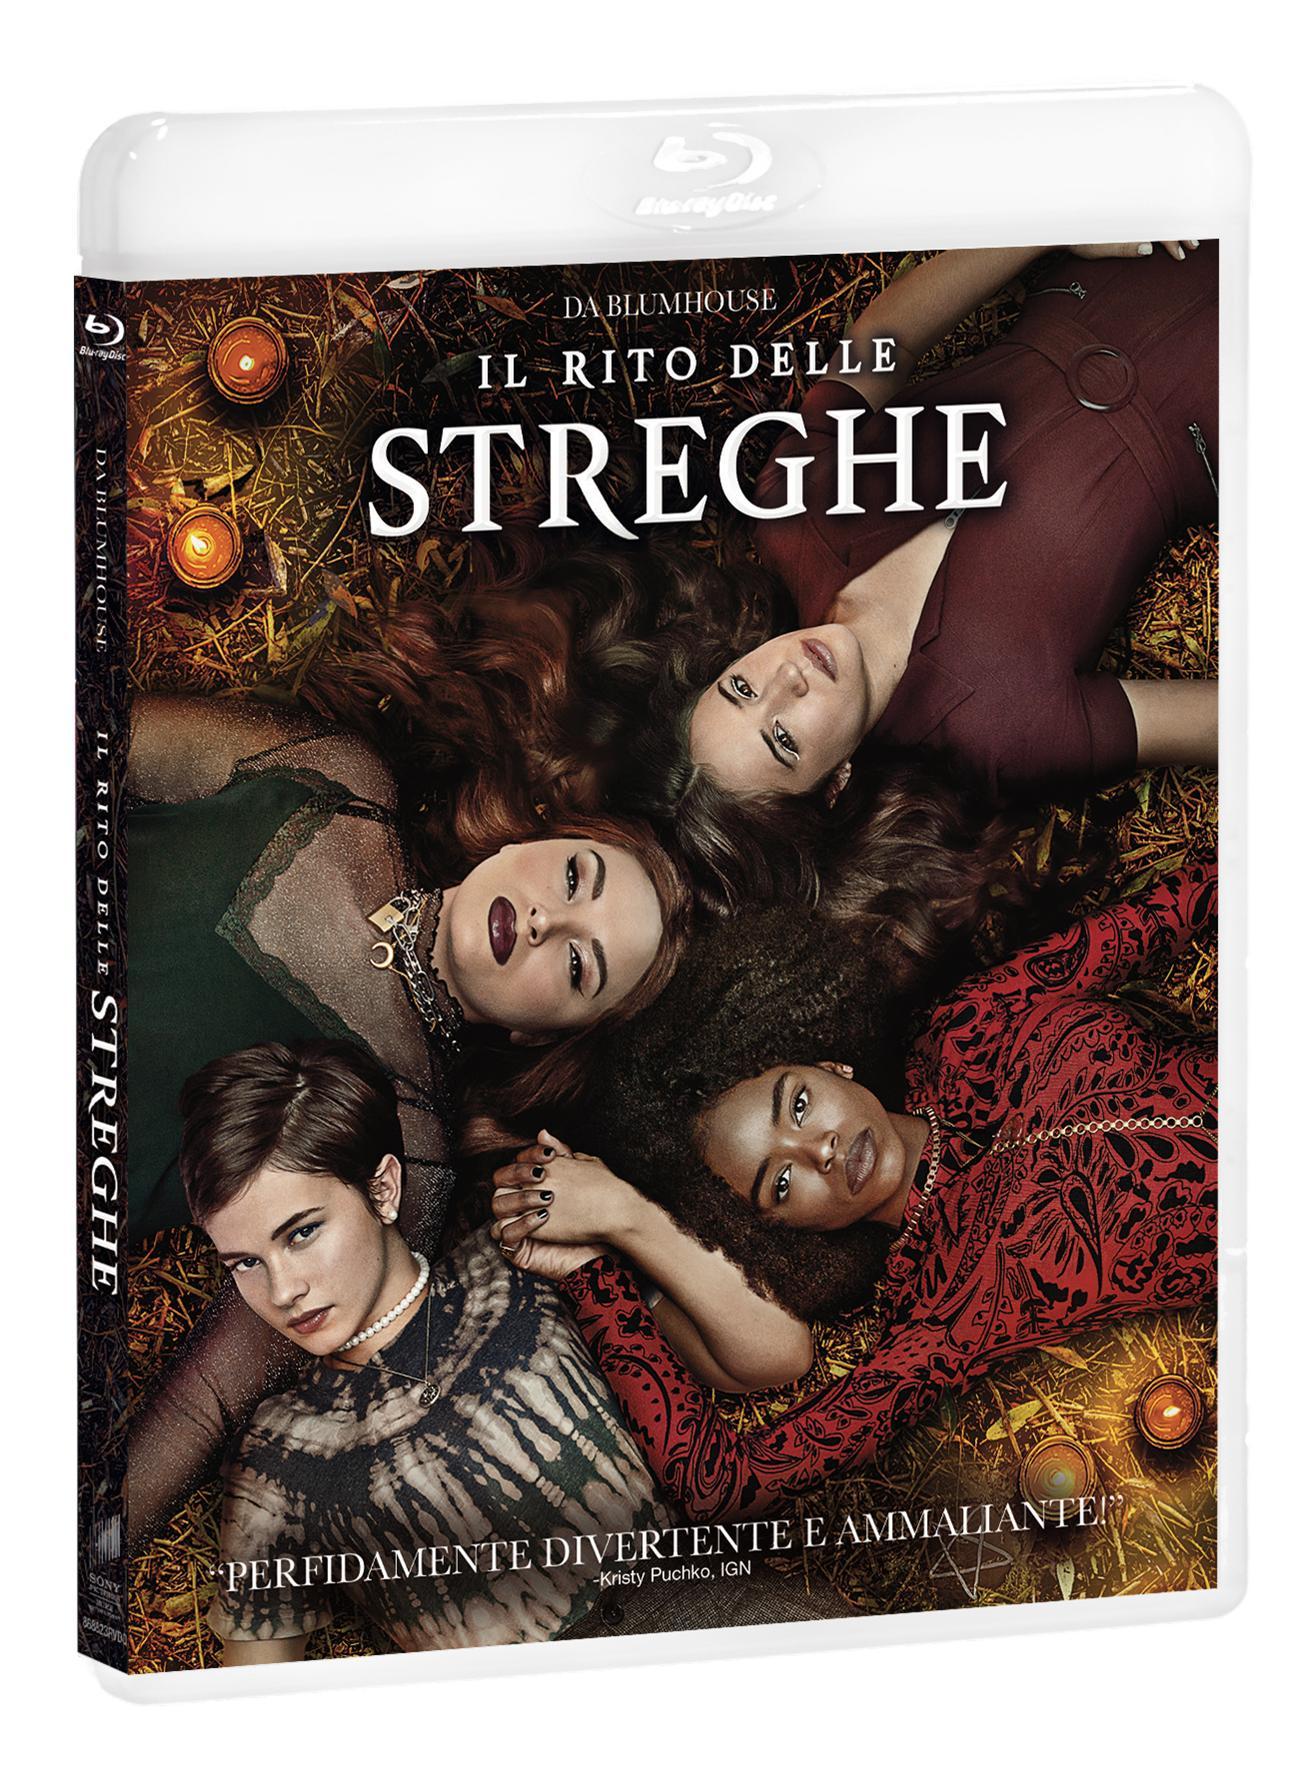 IL RITO DELLE STREGHE - BLU RAY